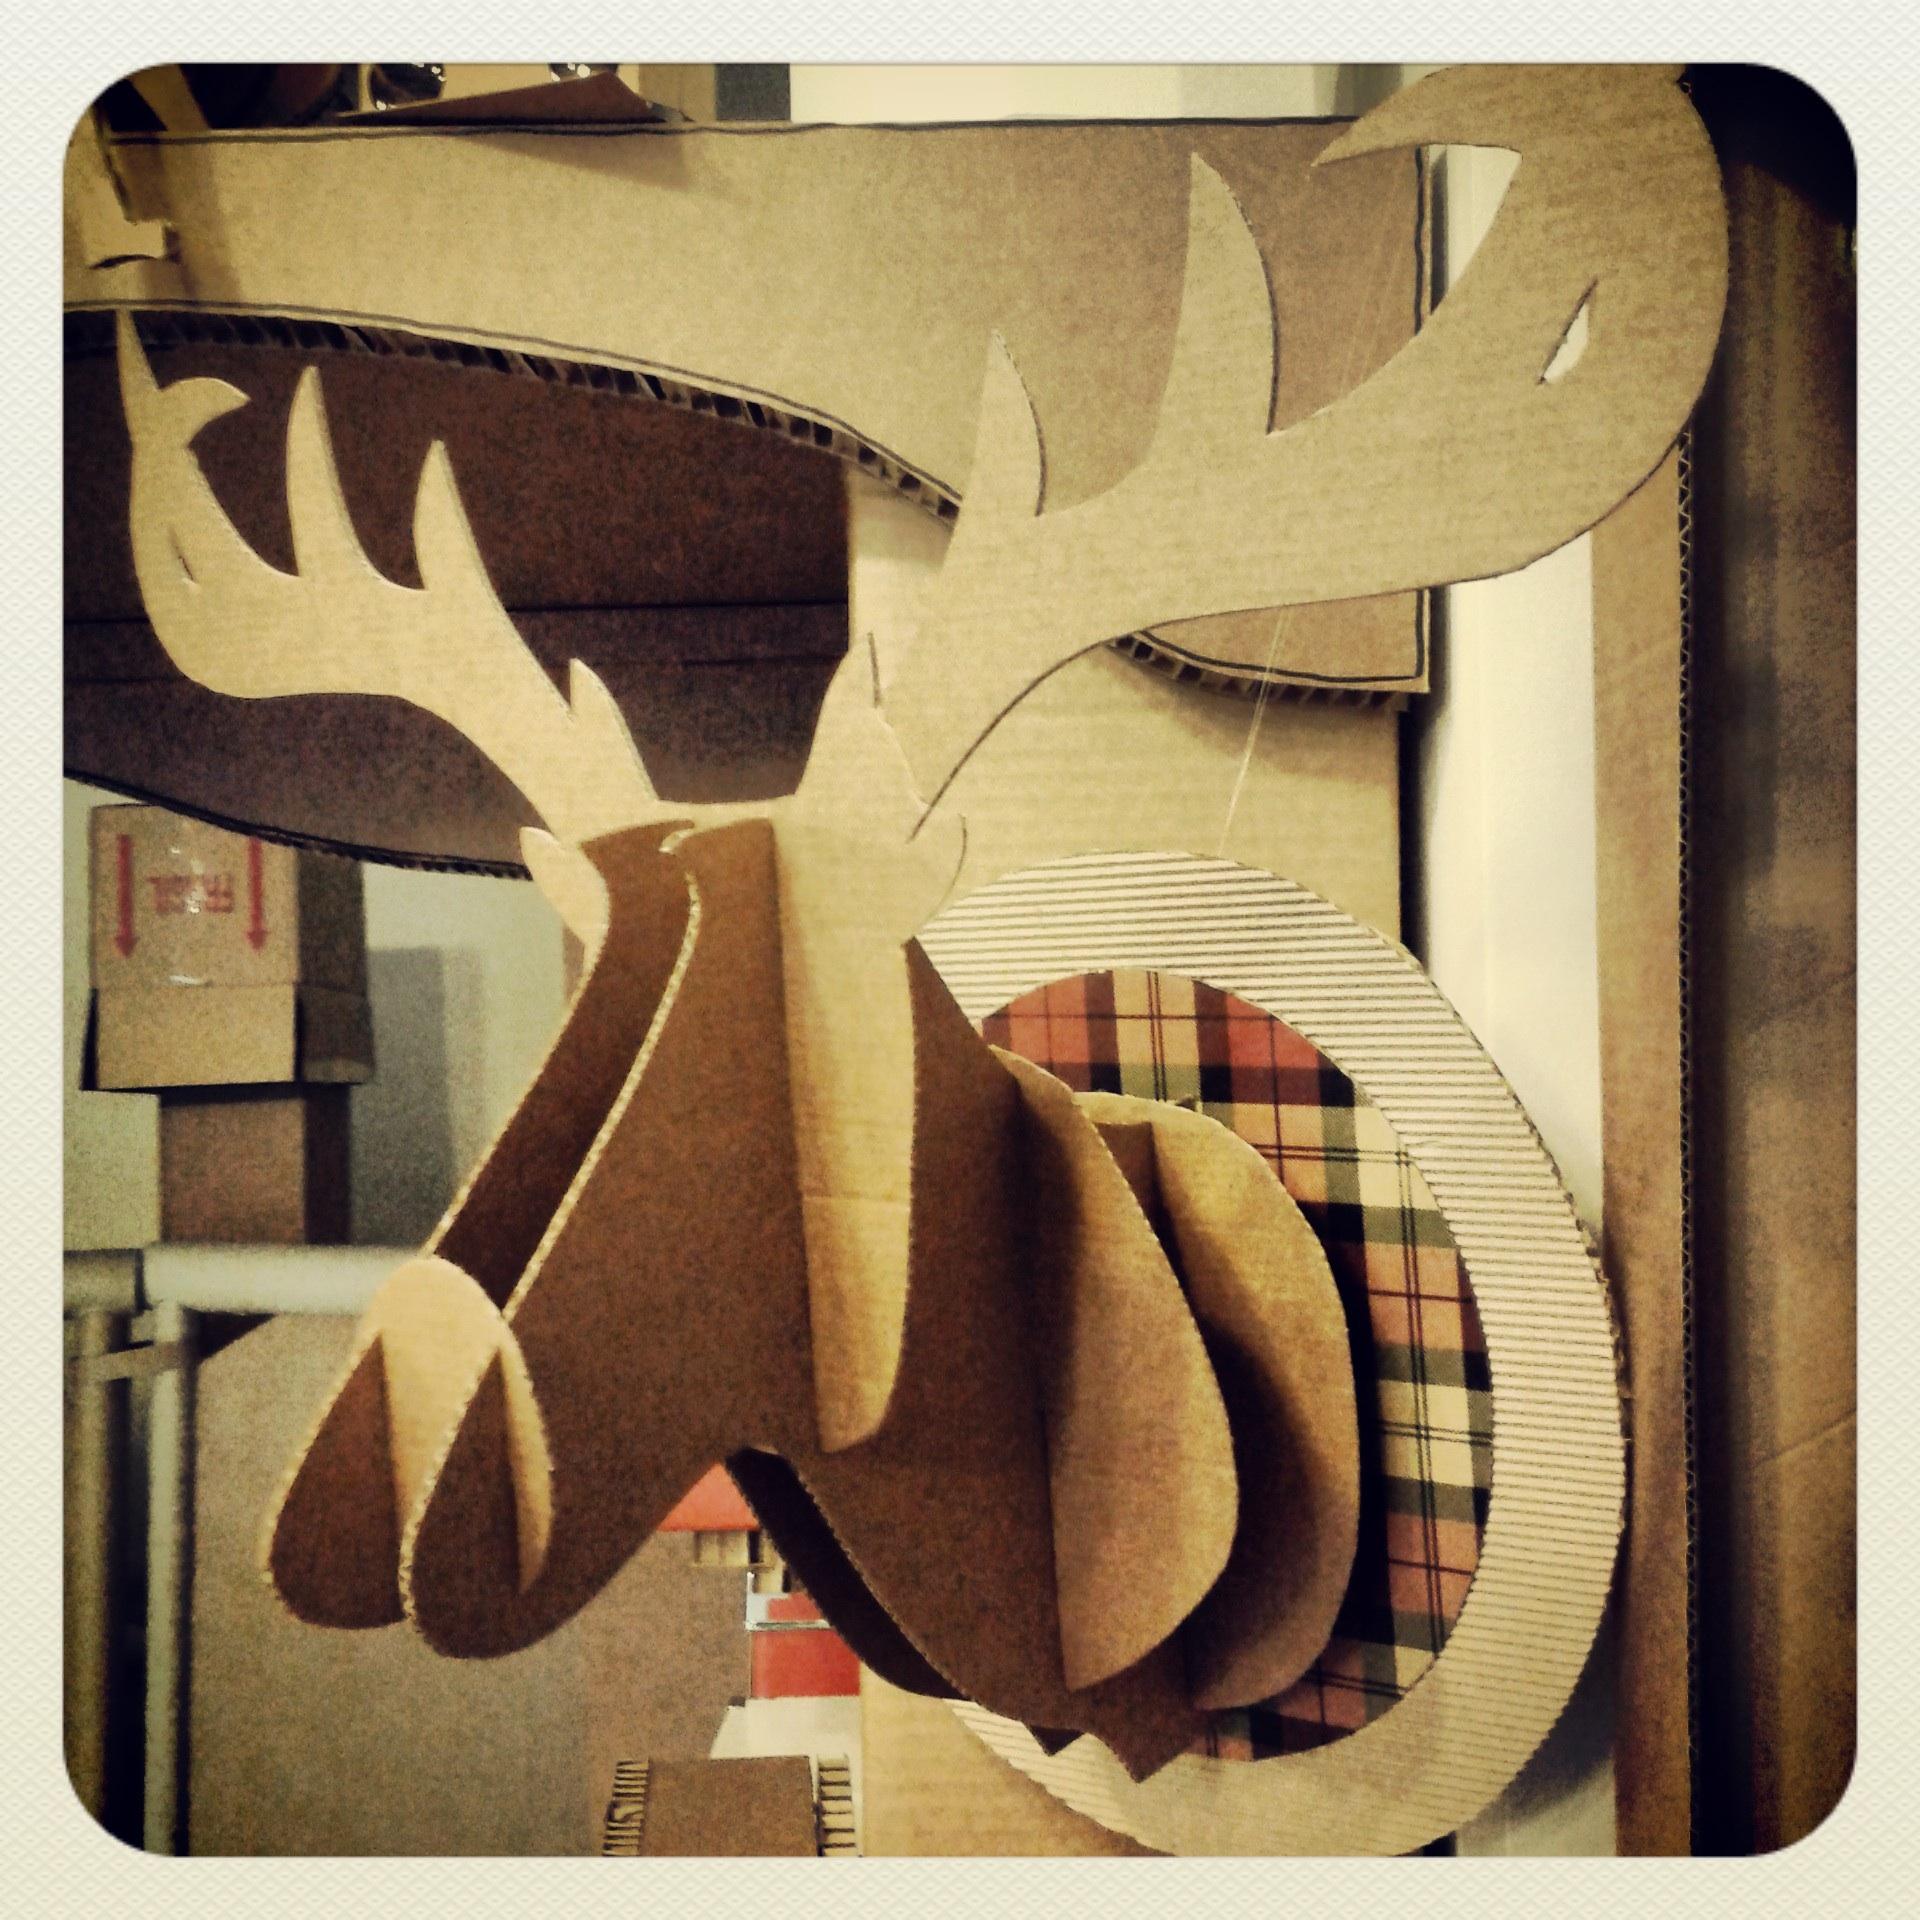 Carton reciclado la cartoneria - Cabeza ciervo carton ...